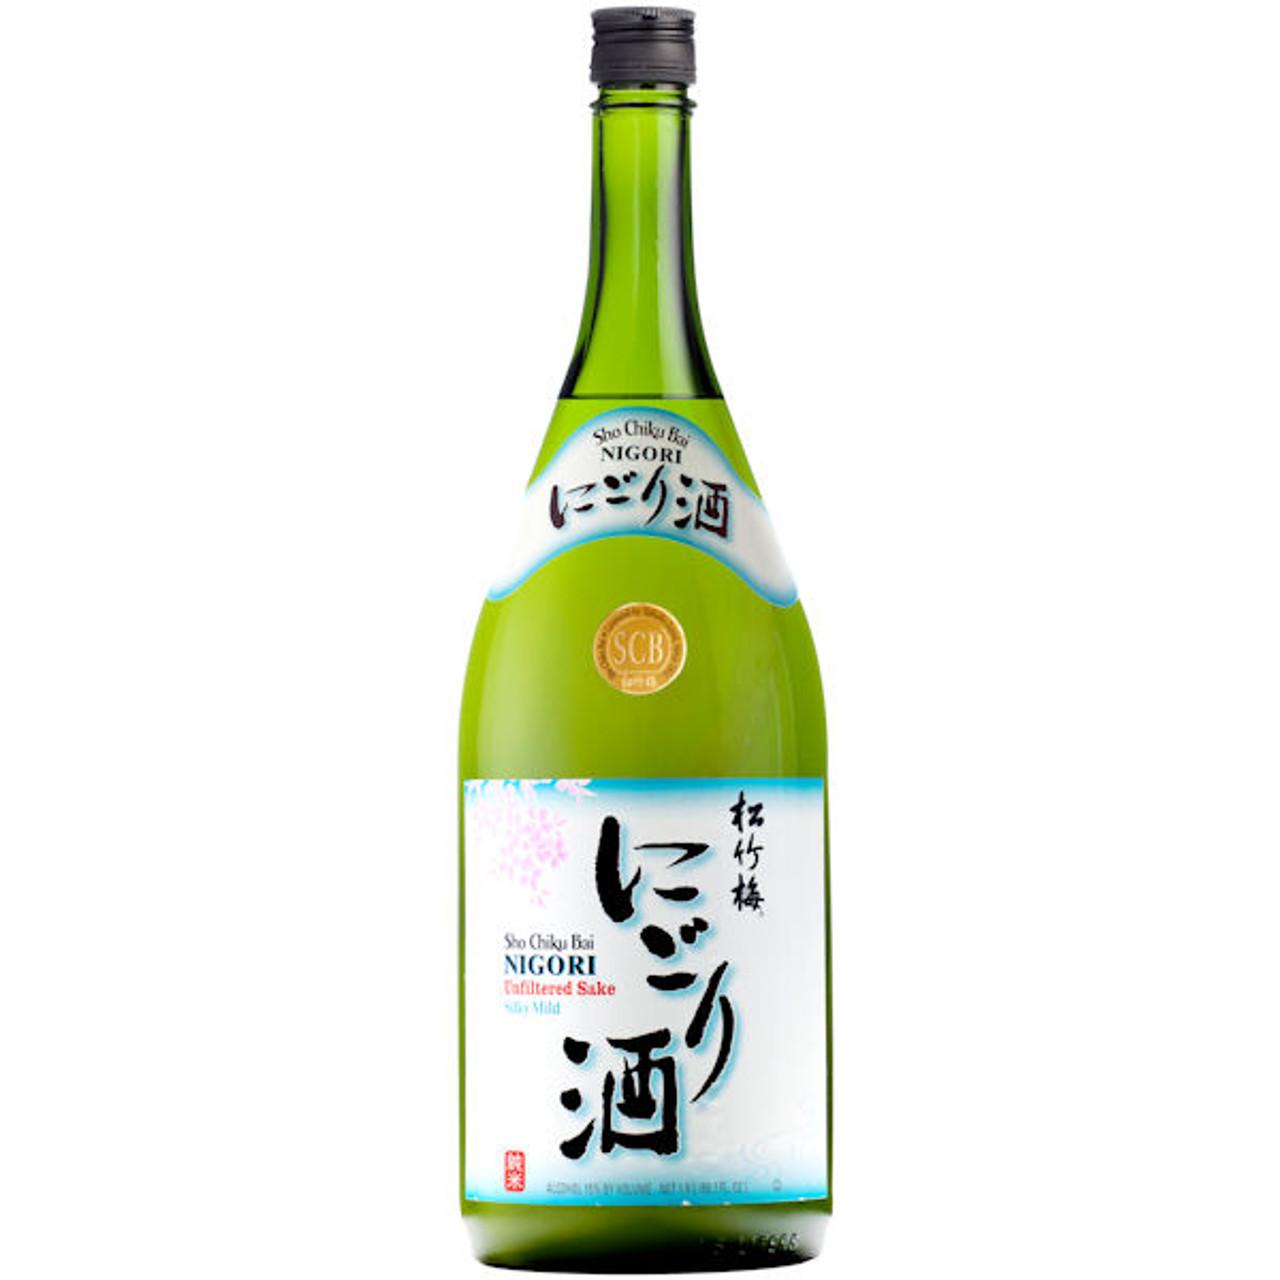 Sho Chiku Bai Junmai Nigori Sake US 1.5L (Unfiltered Sake)